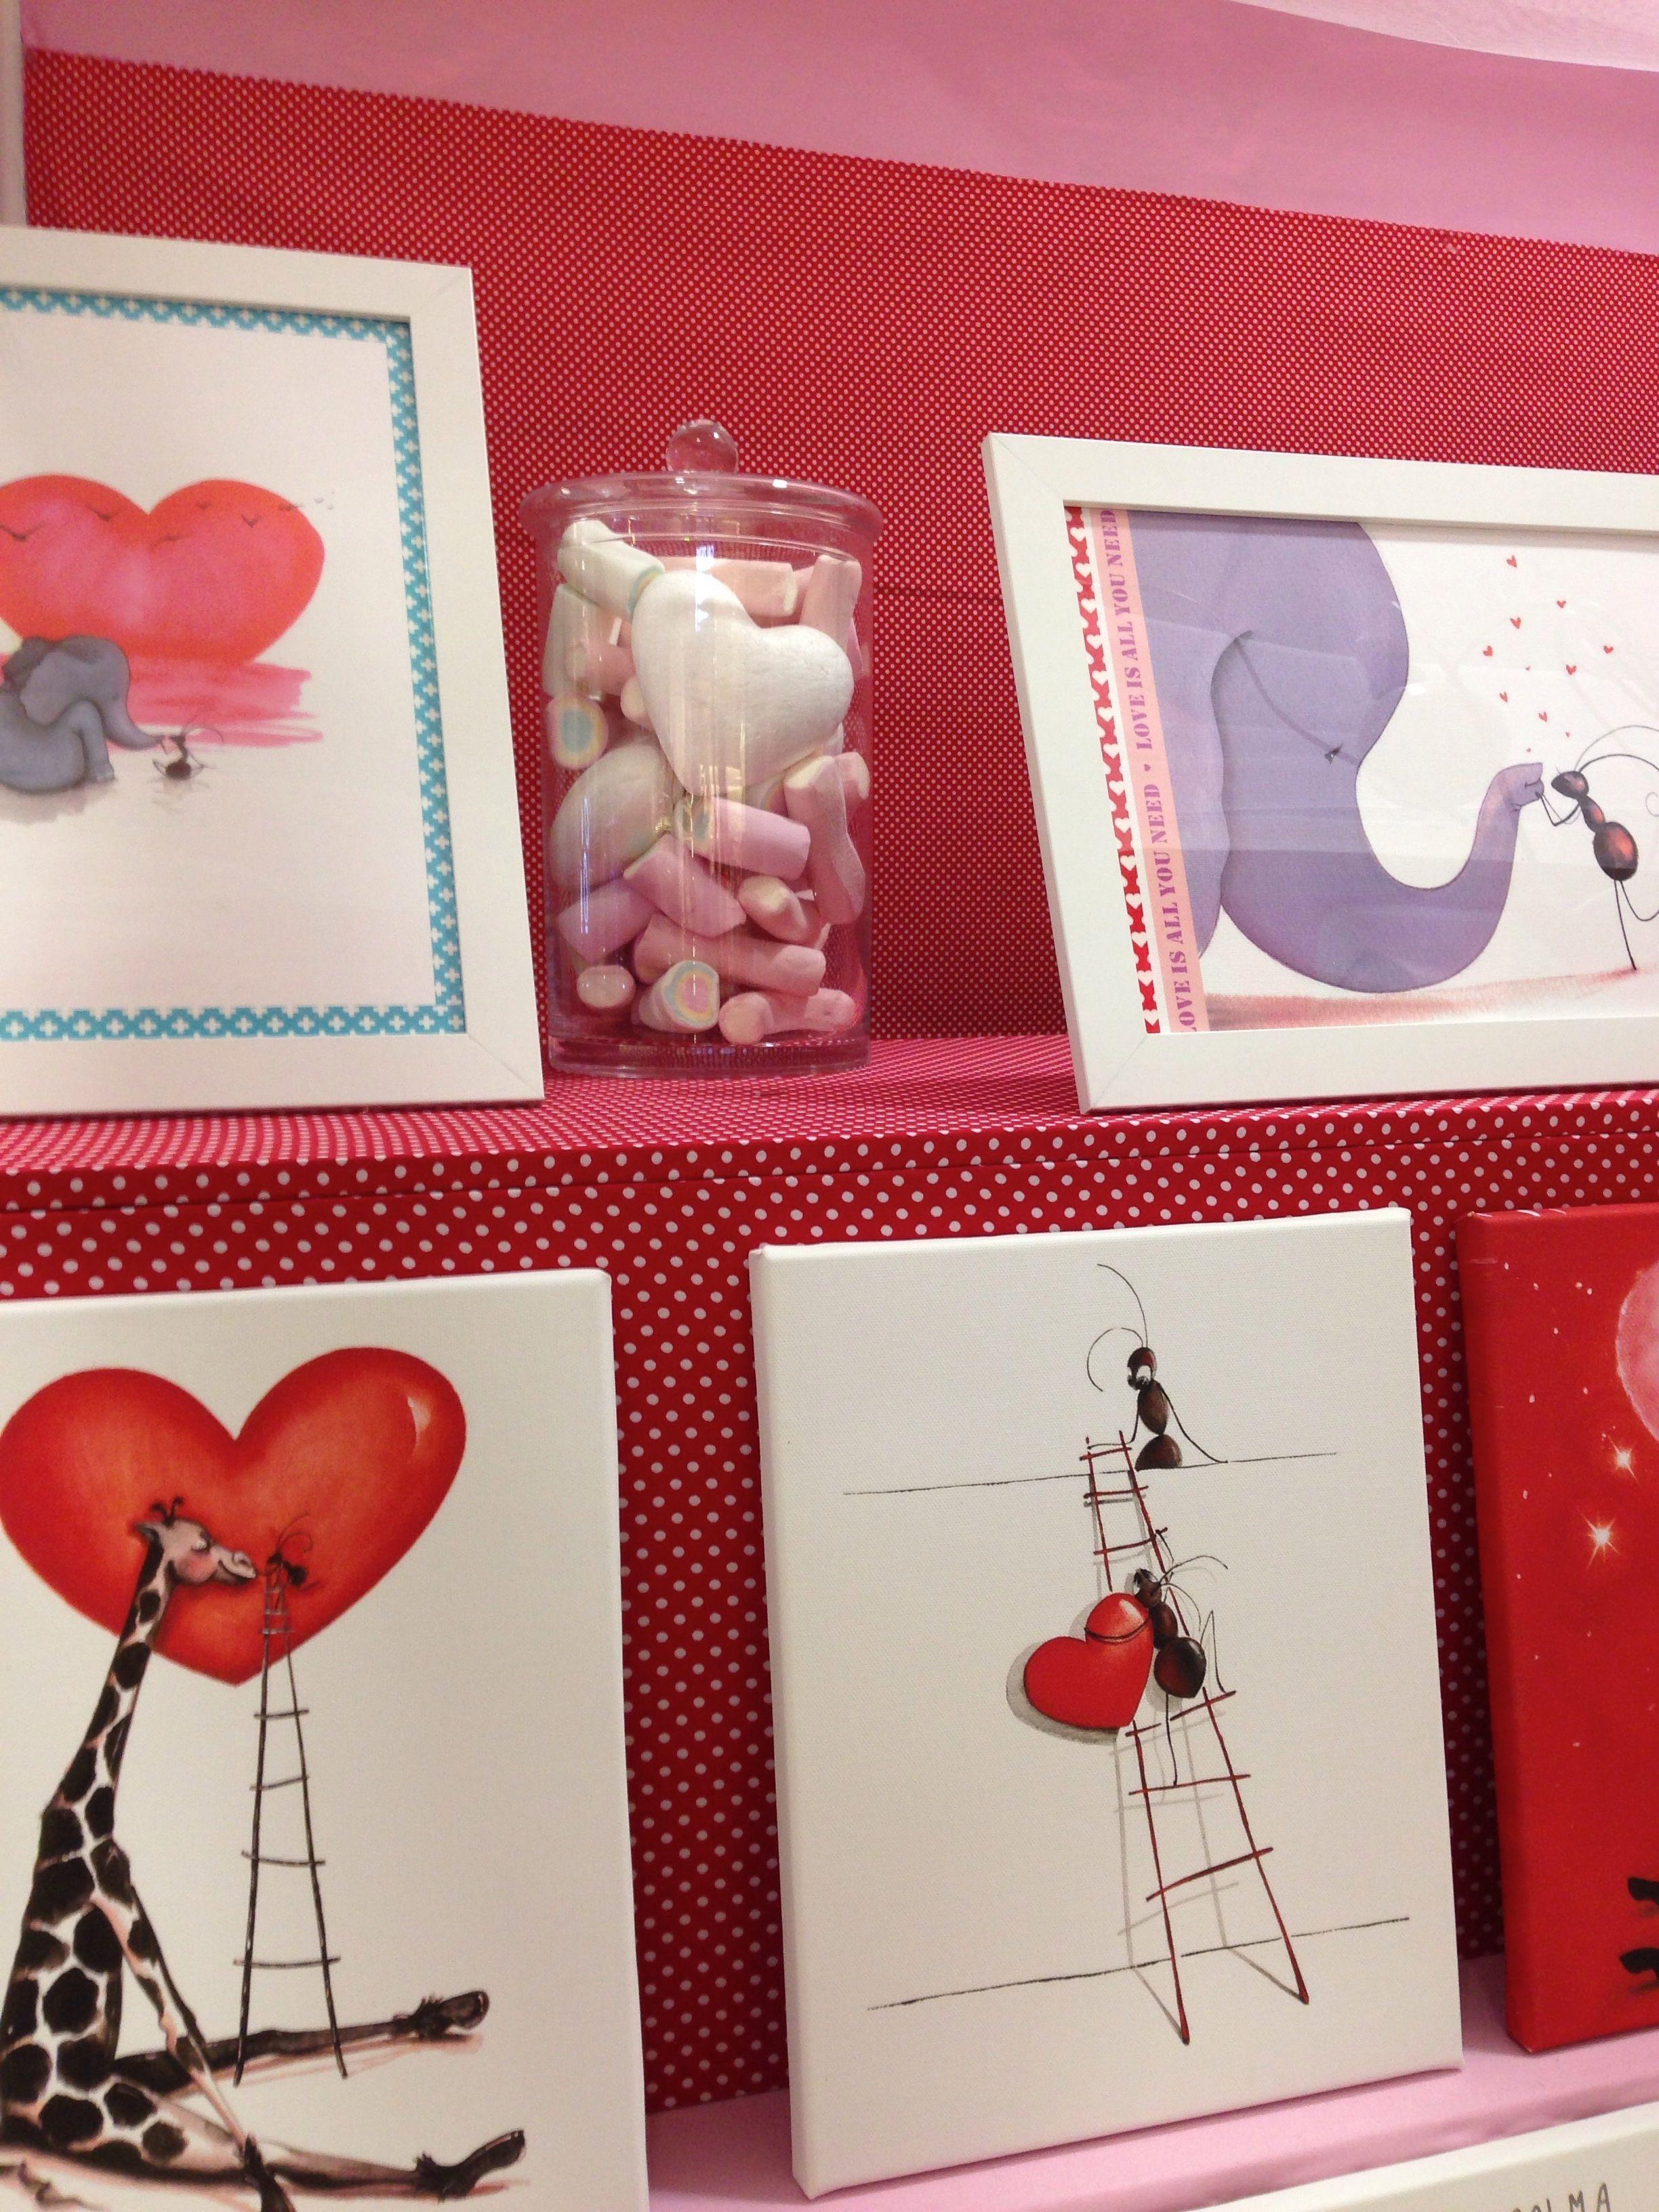 Cuadros y l minas con mensajes de amor y amistad para - Cuadros habitaciones infantiles ...